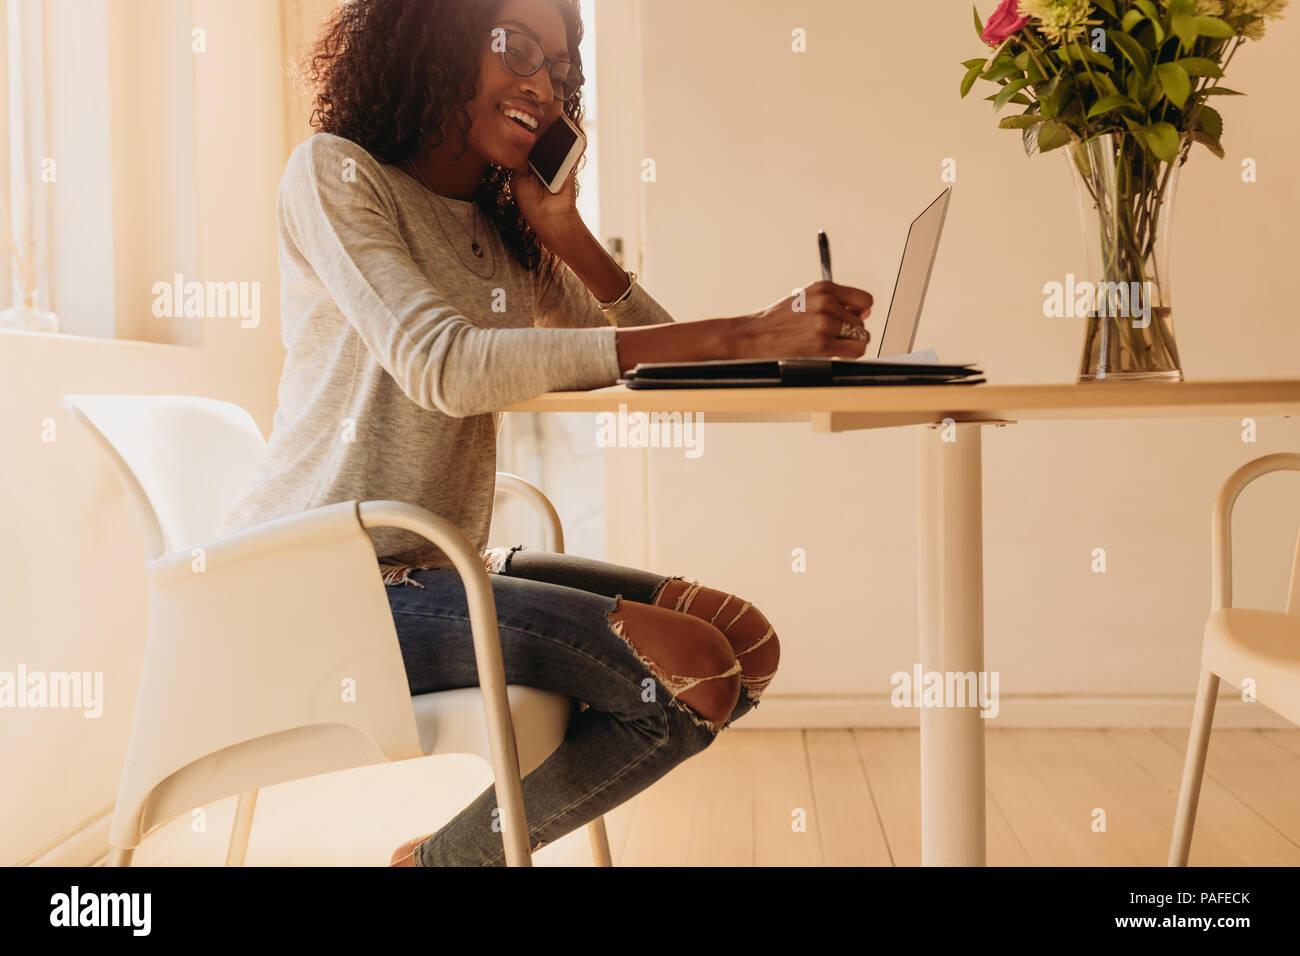 Unternehmerin verwalten Ihr Geschäft von zu Hause aus arbeiten am Laptop. In modischer Jeans zu Hause sitzen auf einem runden Tisch tal Geschäftsfrau Stockbild